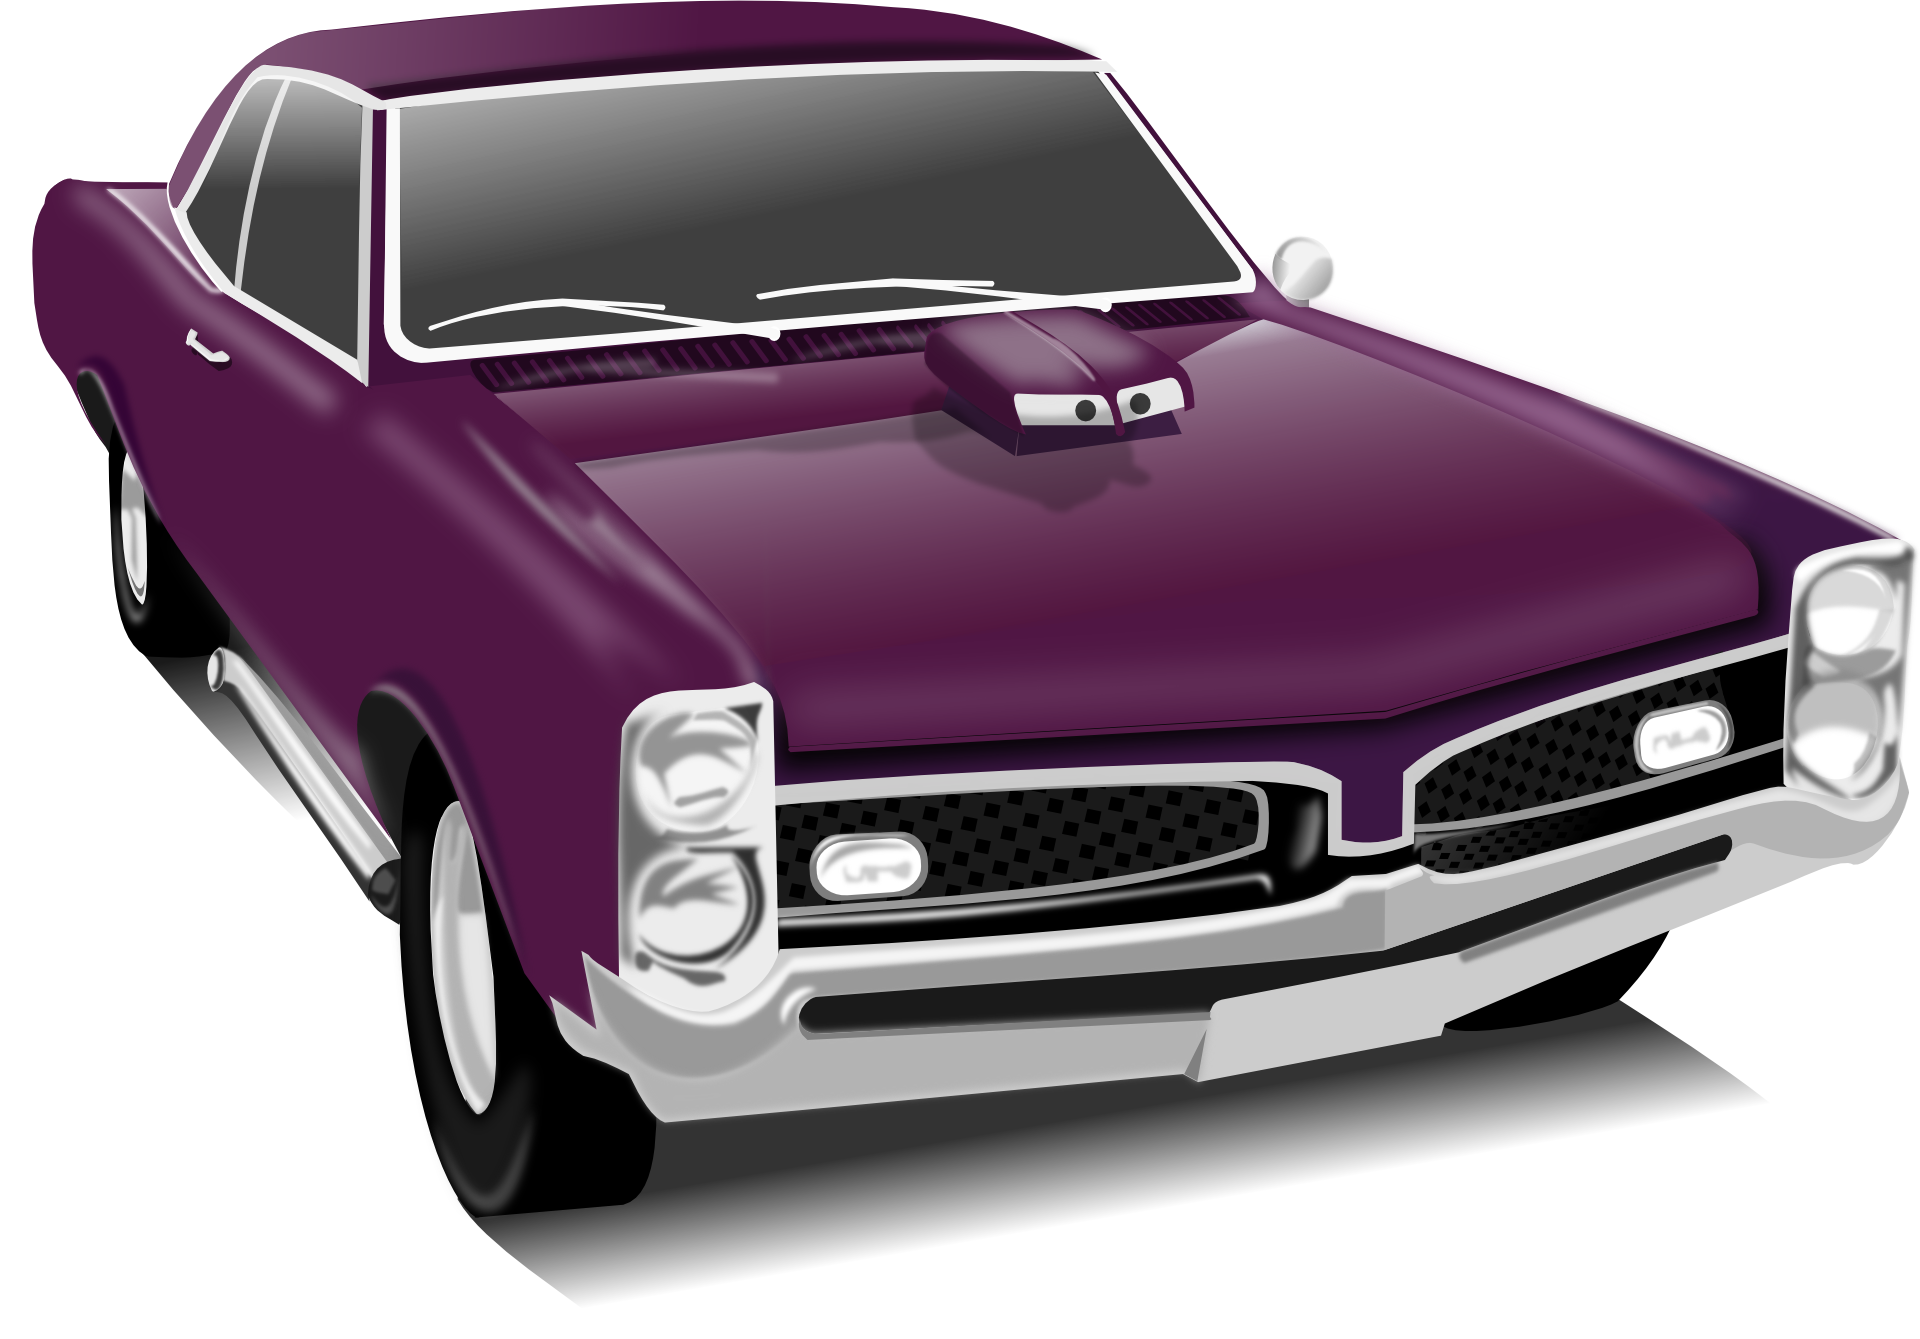 Antique cars clipart #16